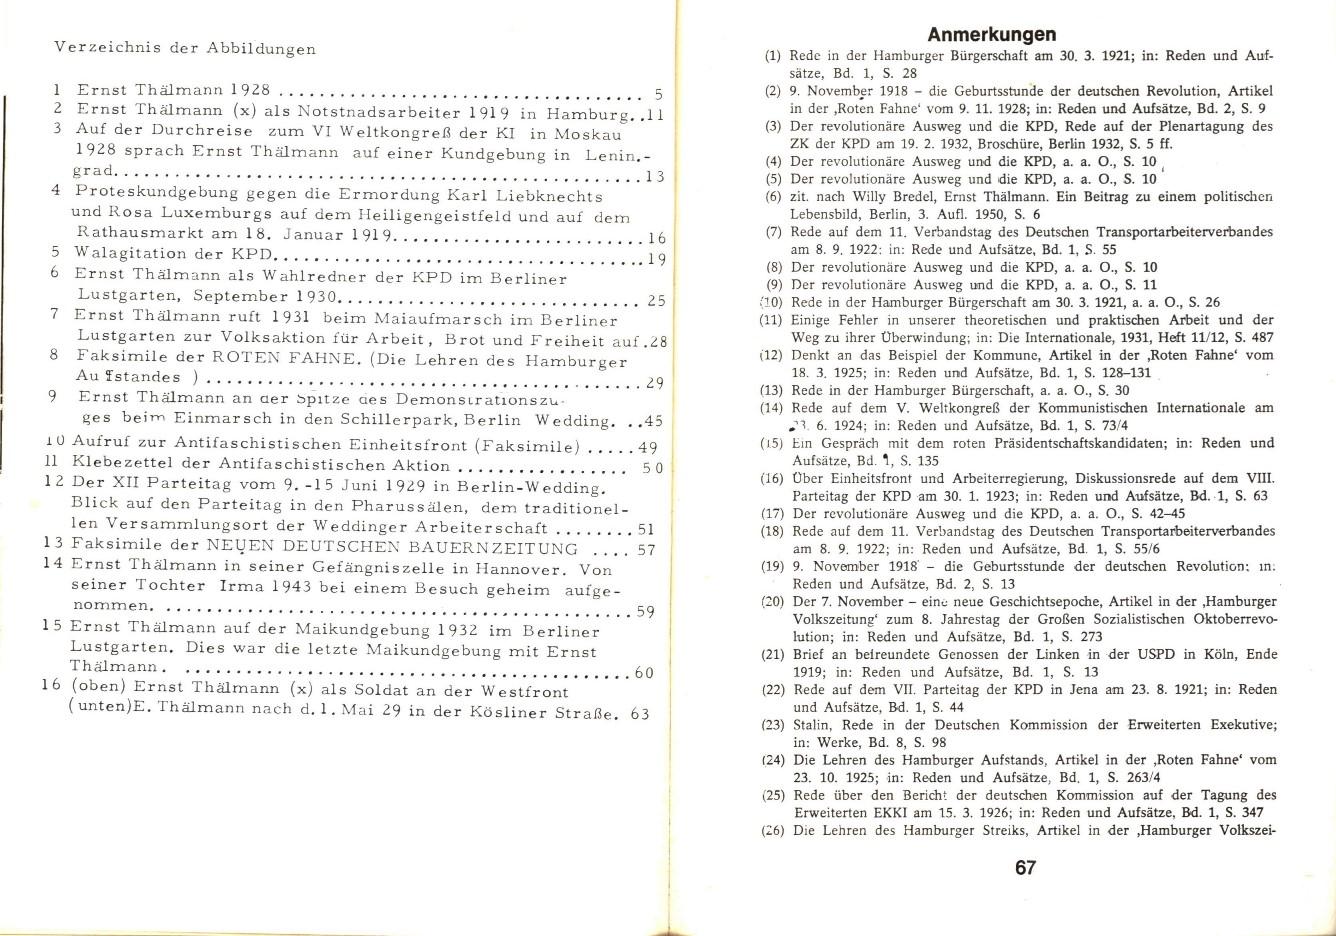 KPDAO_1974_Ernst_Thaelmann_35